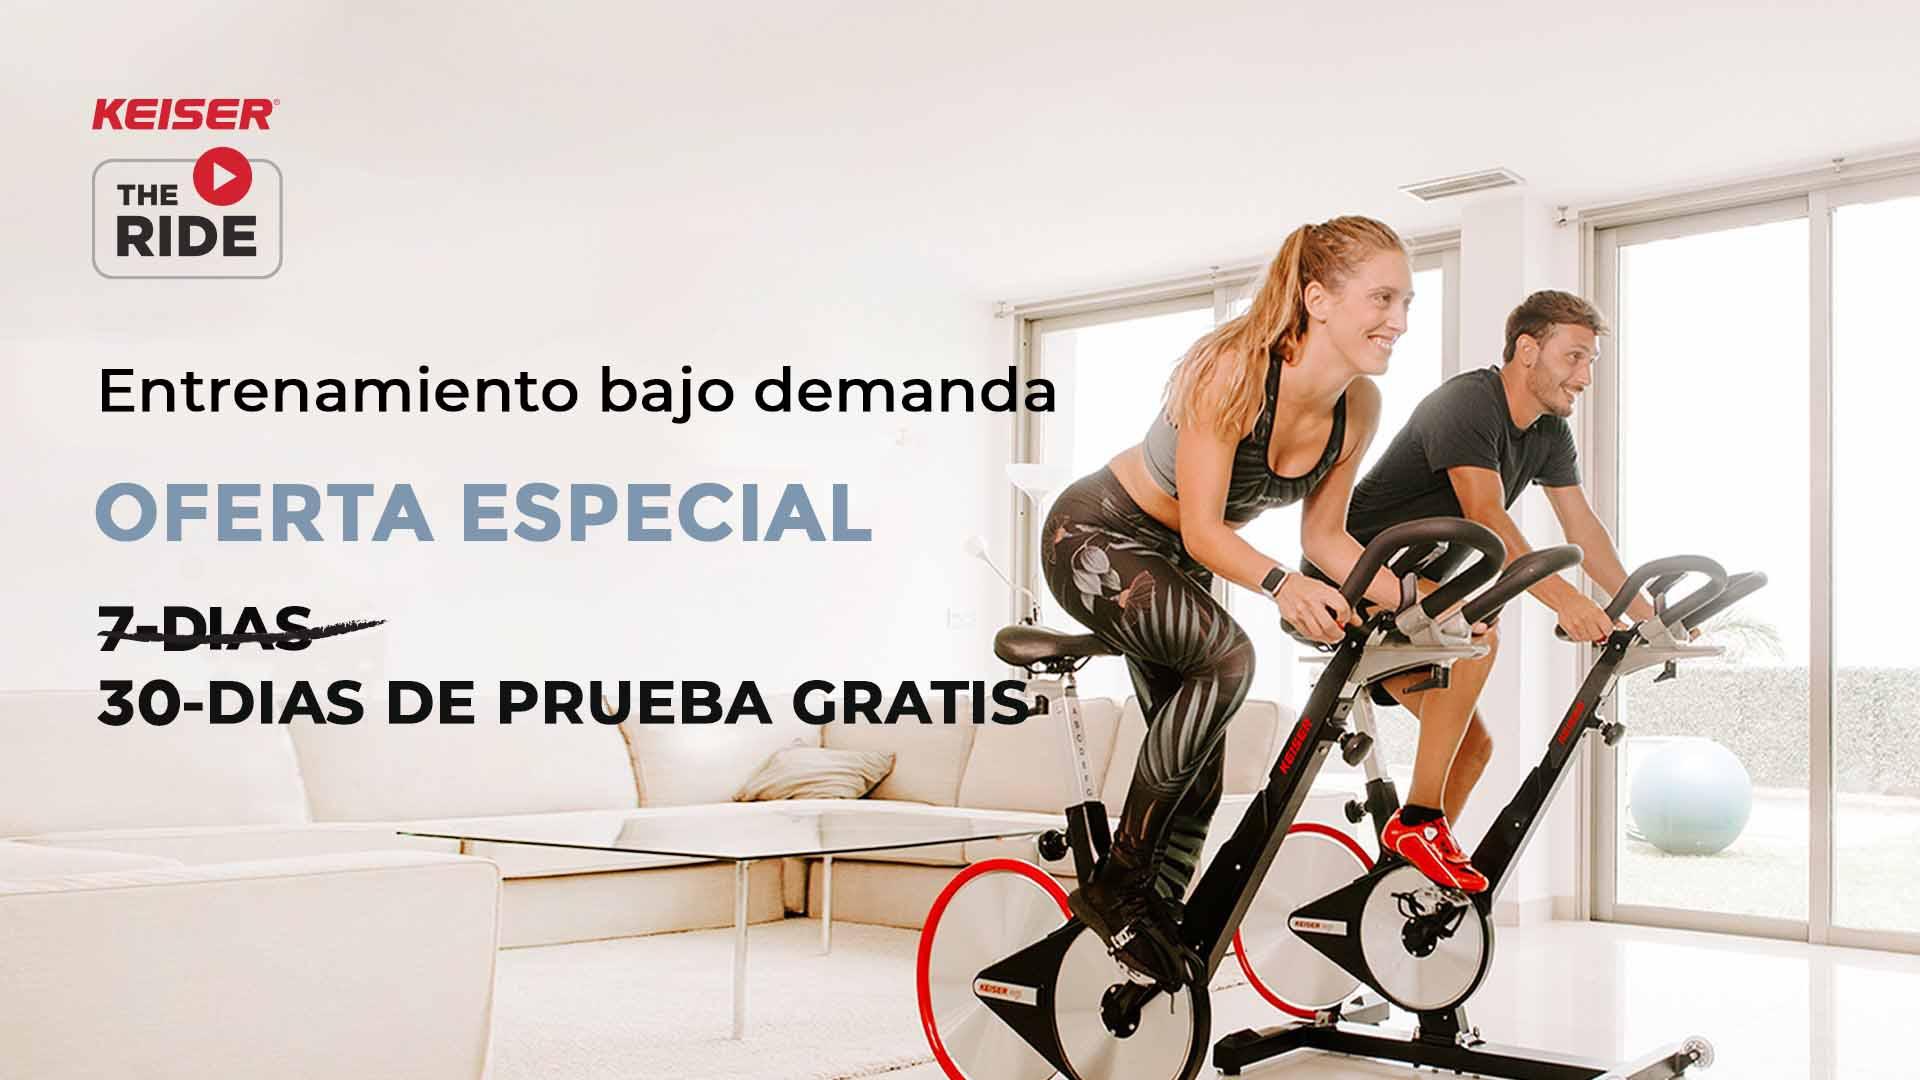 pareja entrena en casa con bicicletas keiser m3